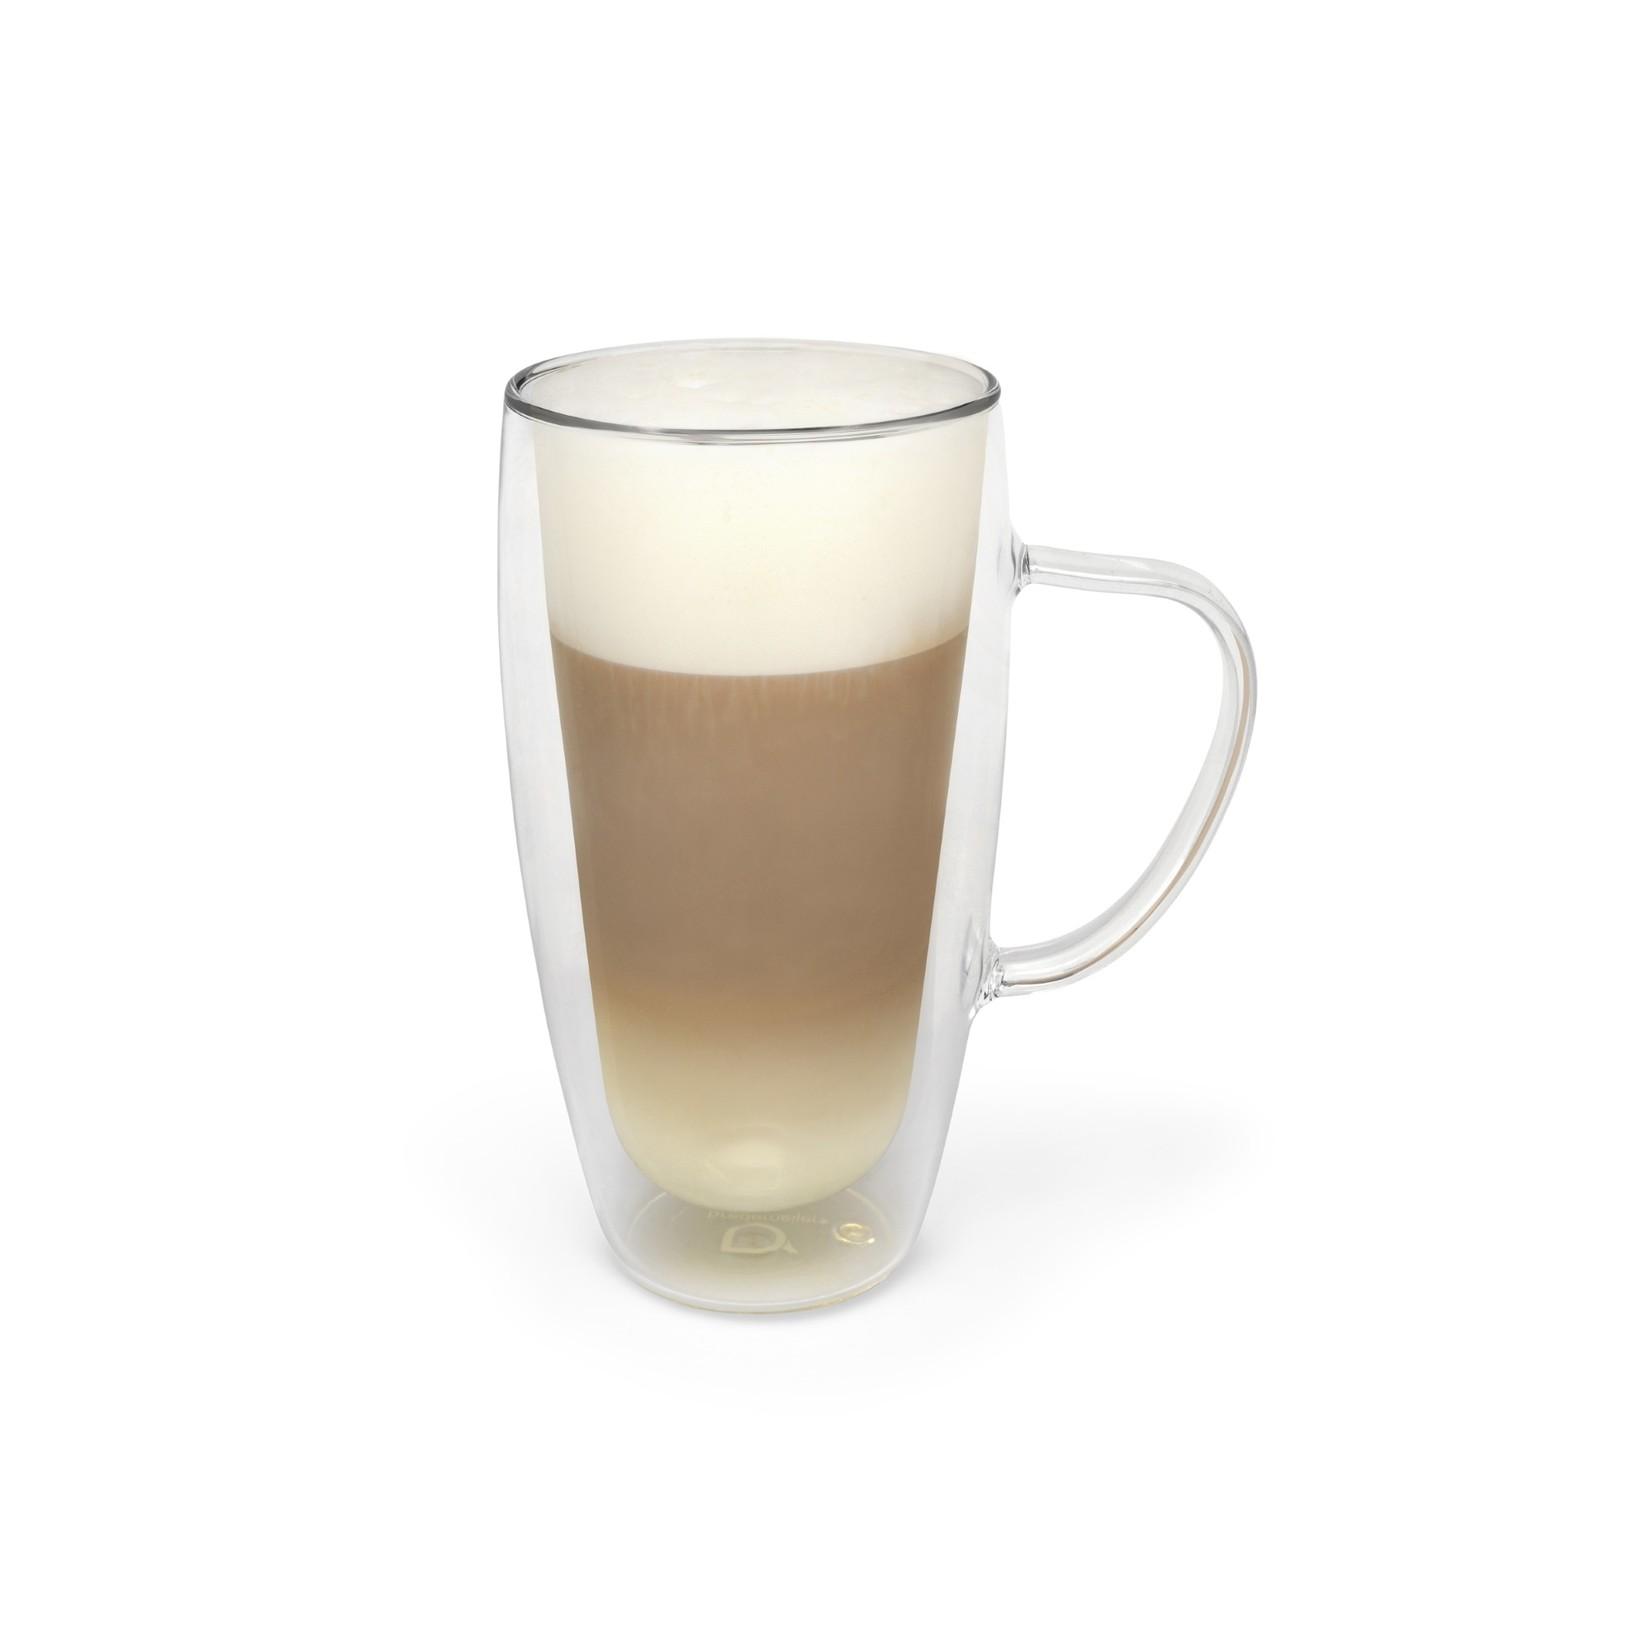 Bredemeijer Bredemeijer Duo drinkglazen en bekers Set/2 dubbelwandig Cappuccino/Latte Machiato 400ml